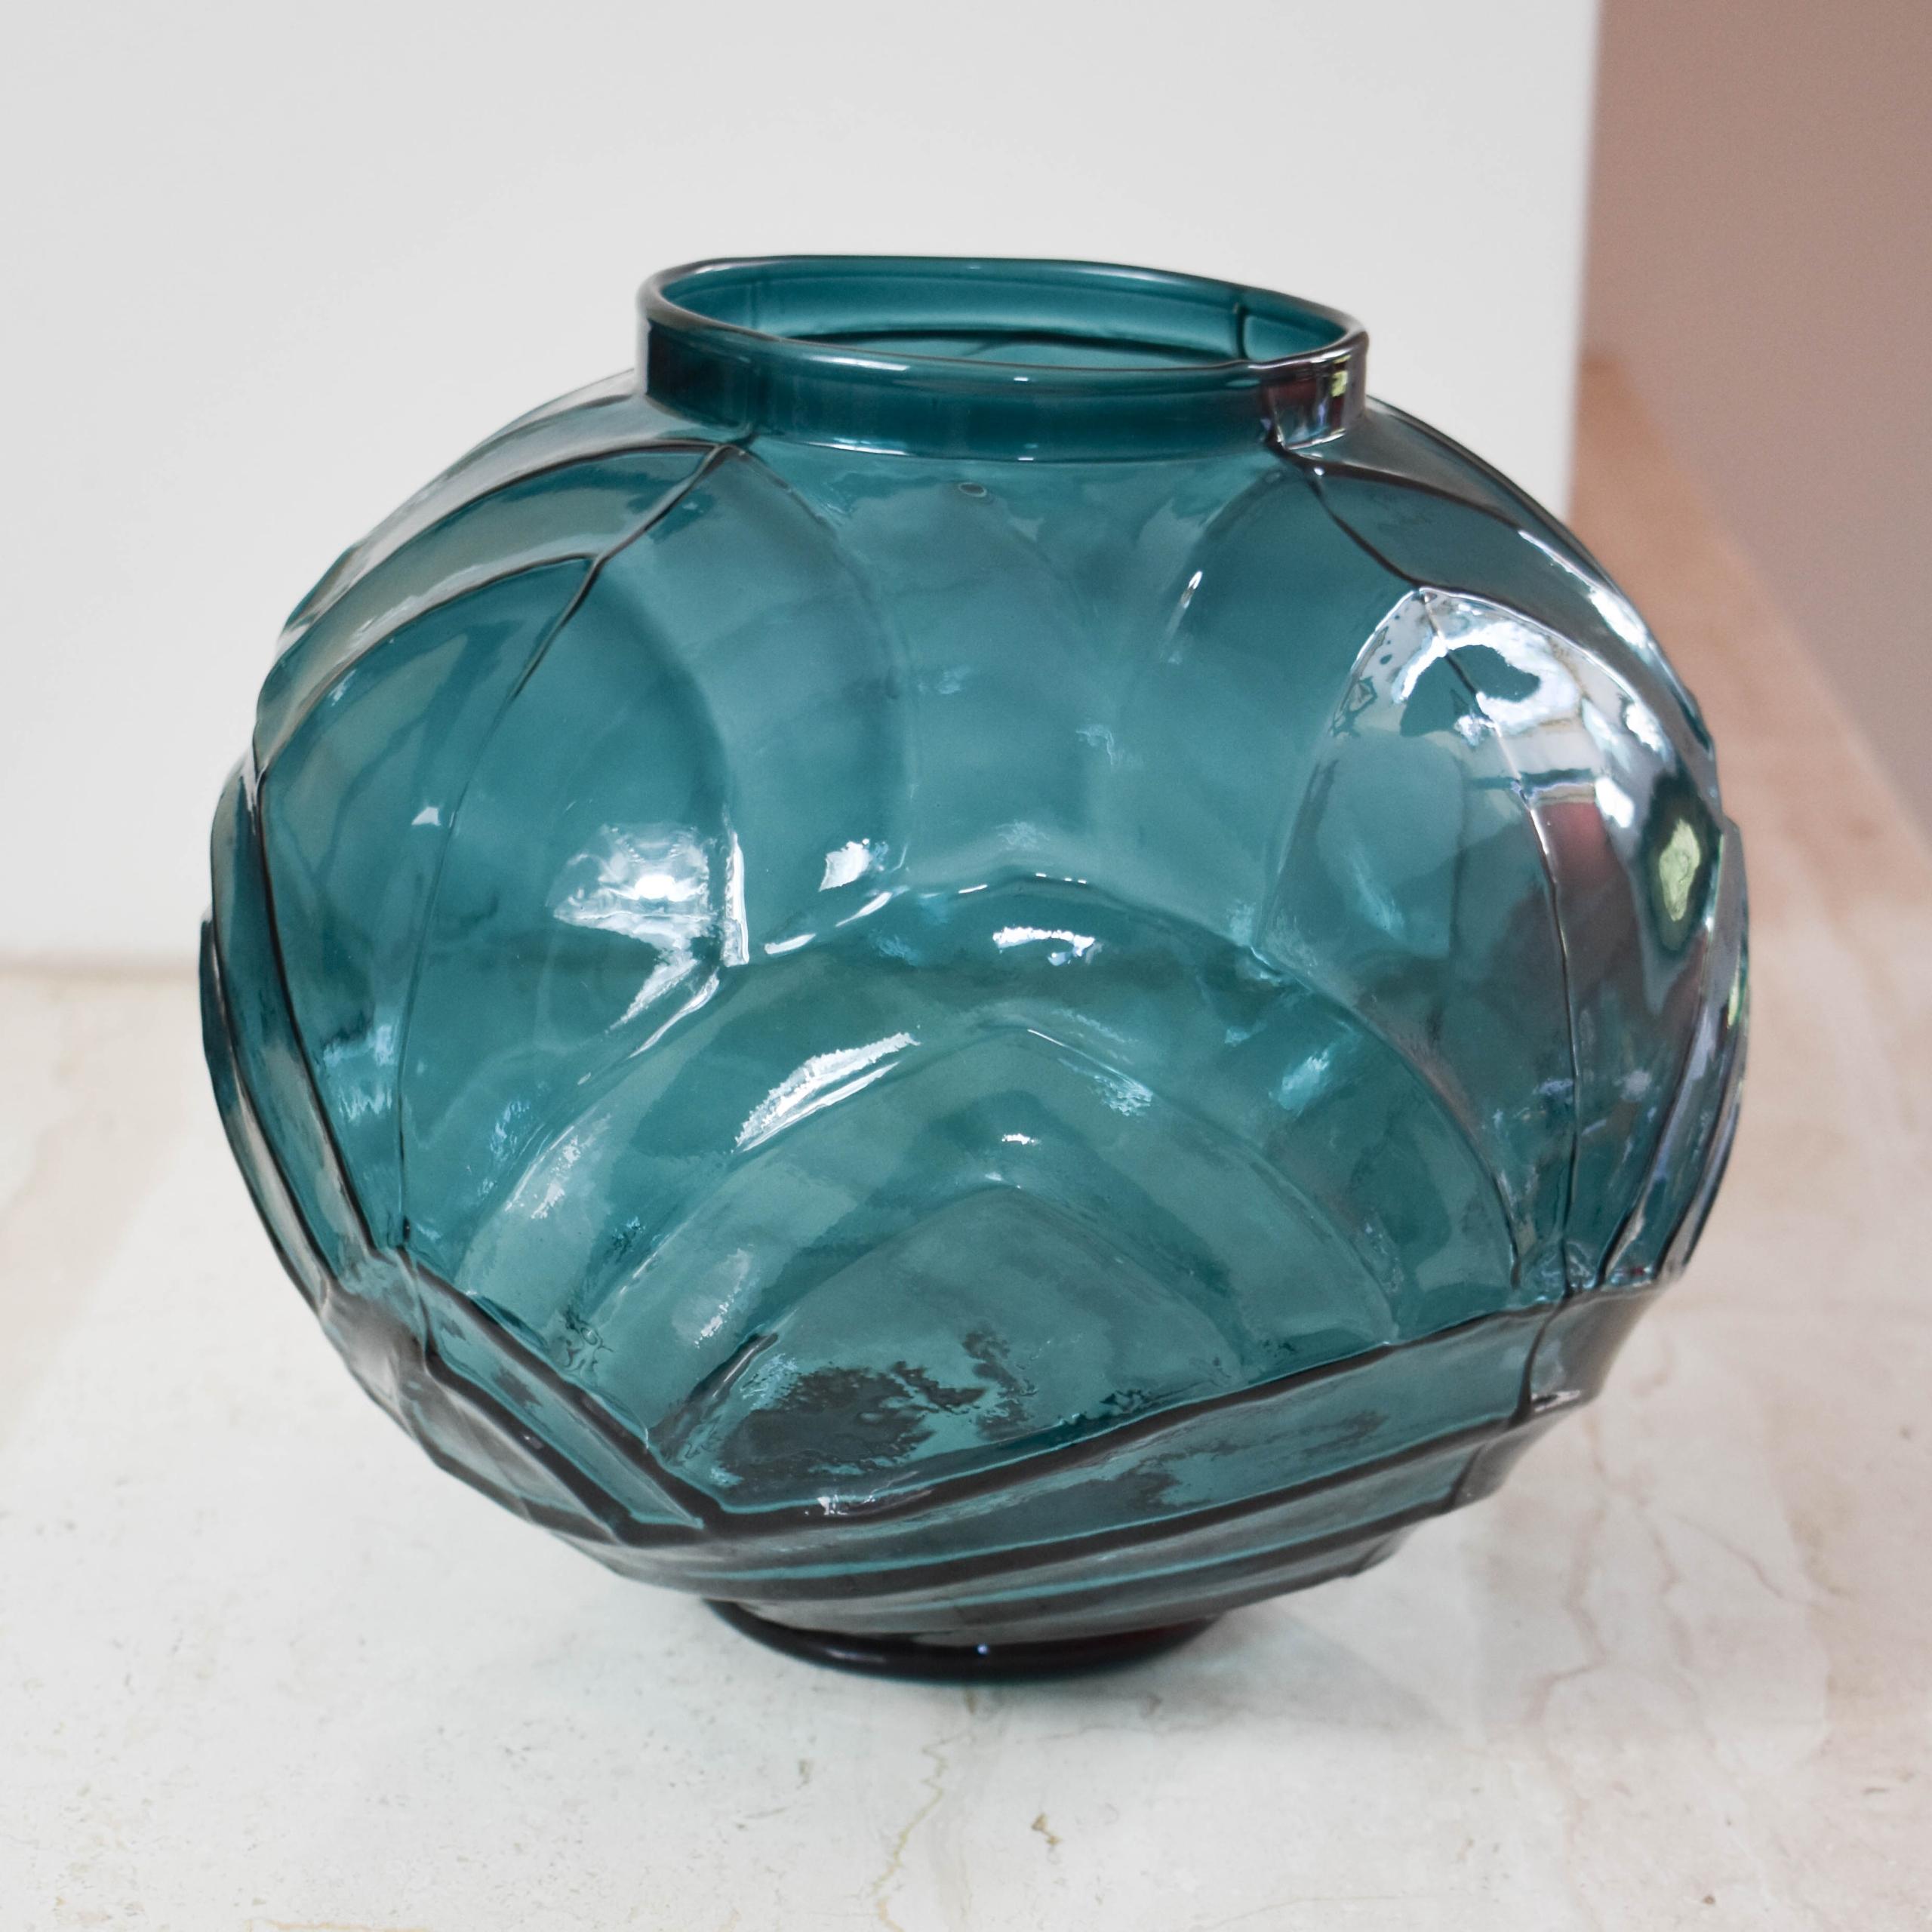 H&M HOME veľká zelená váza retro vzory